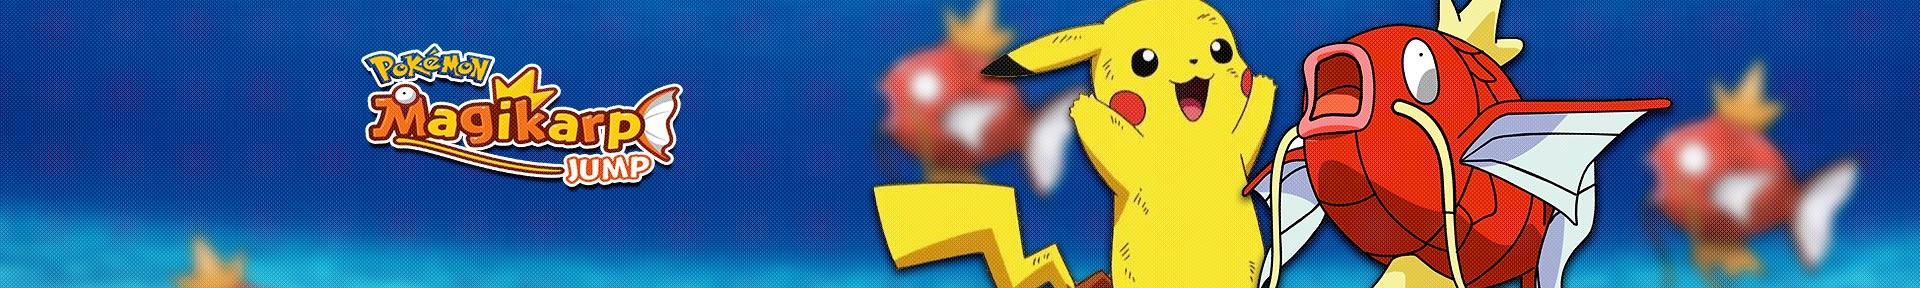 Pokemon Magikarp Jump Diamonds & Coins